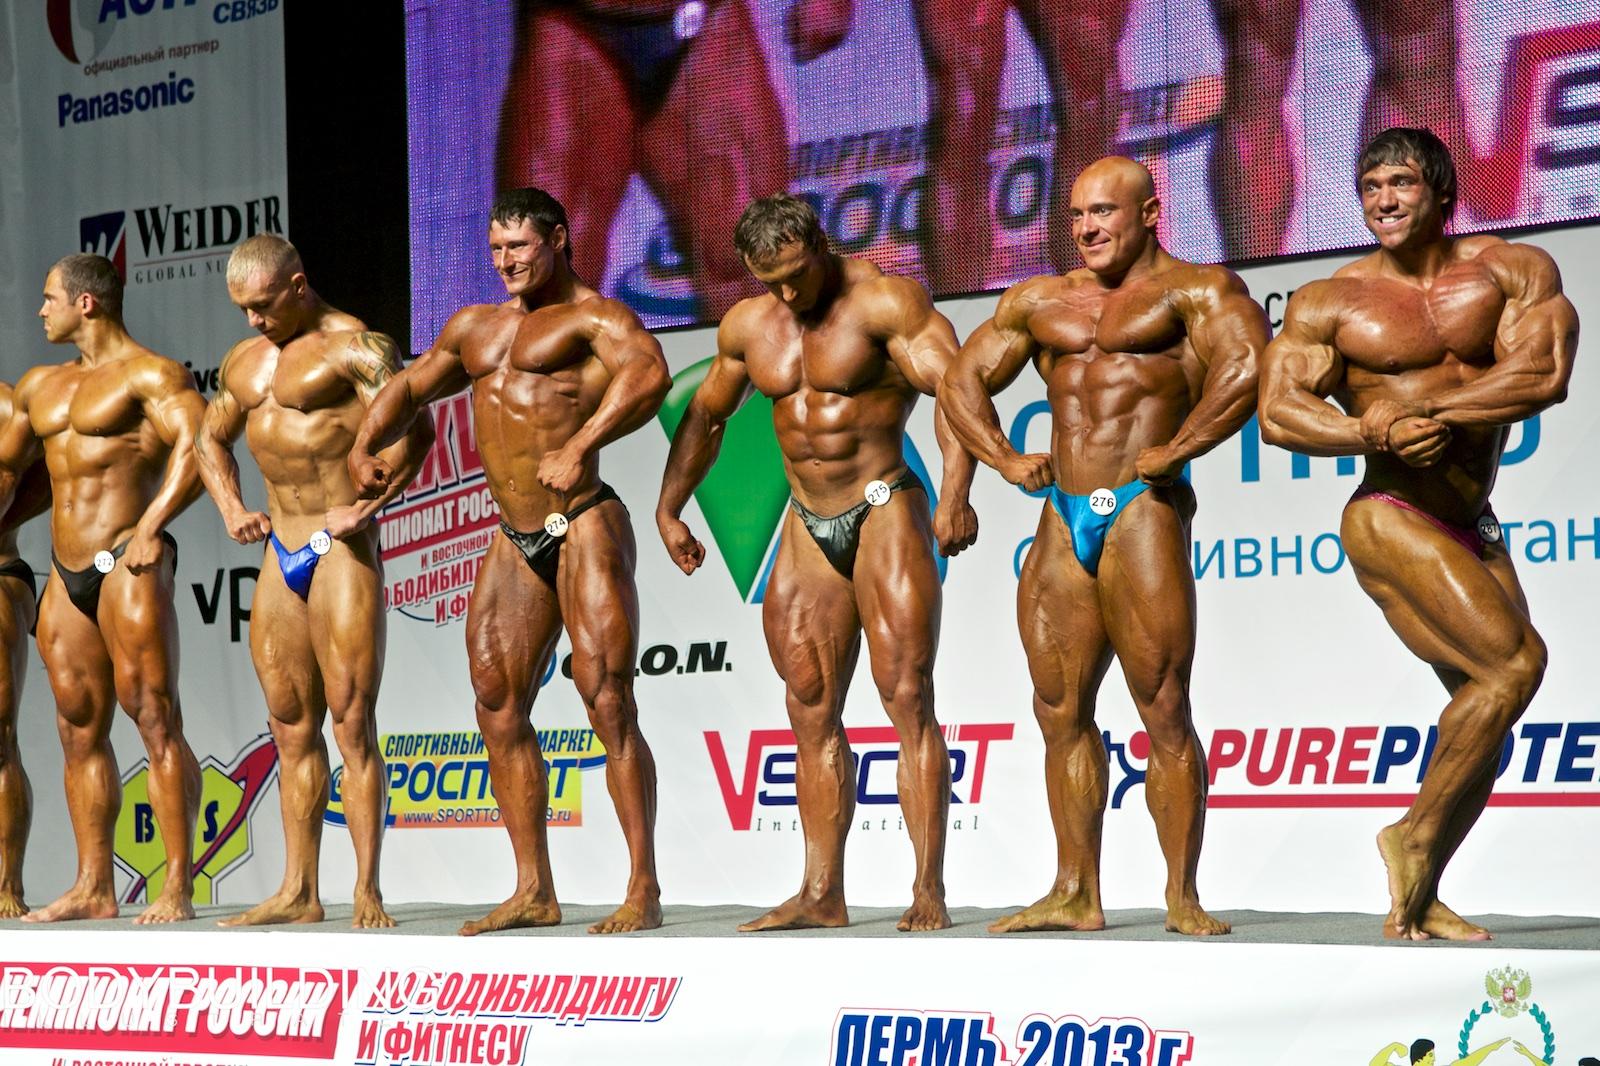 Чемпионат России, Пермь, 2013 г.